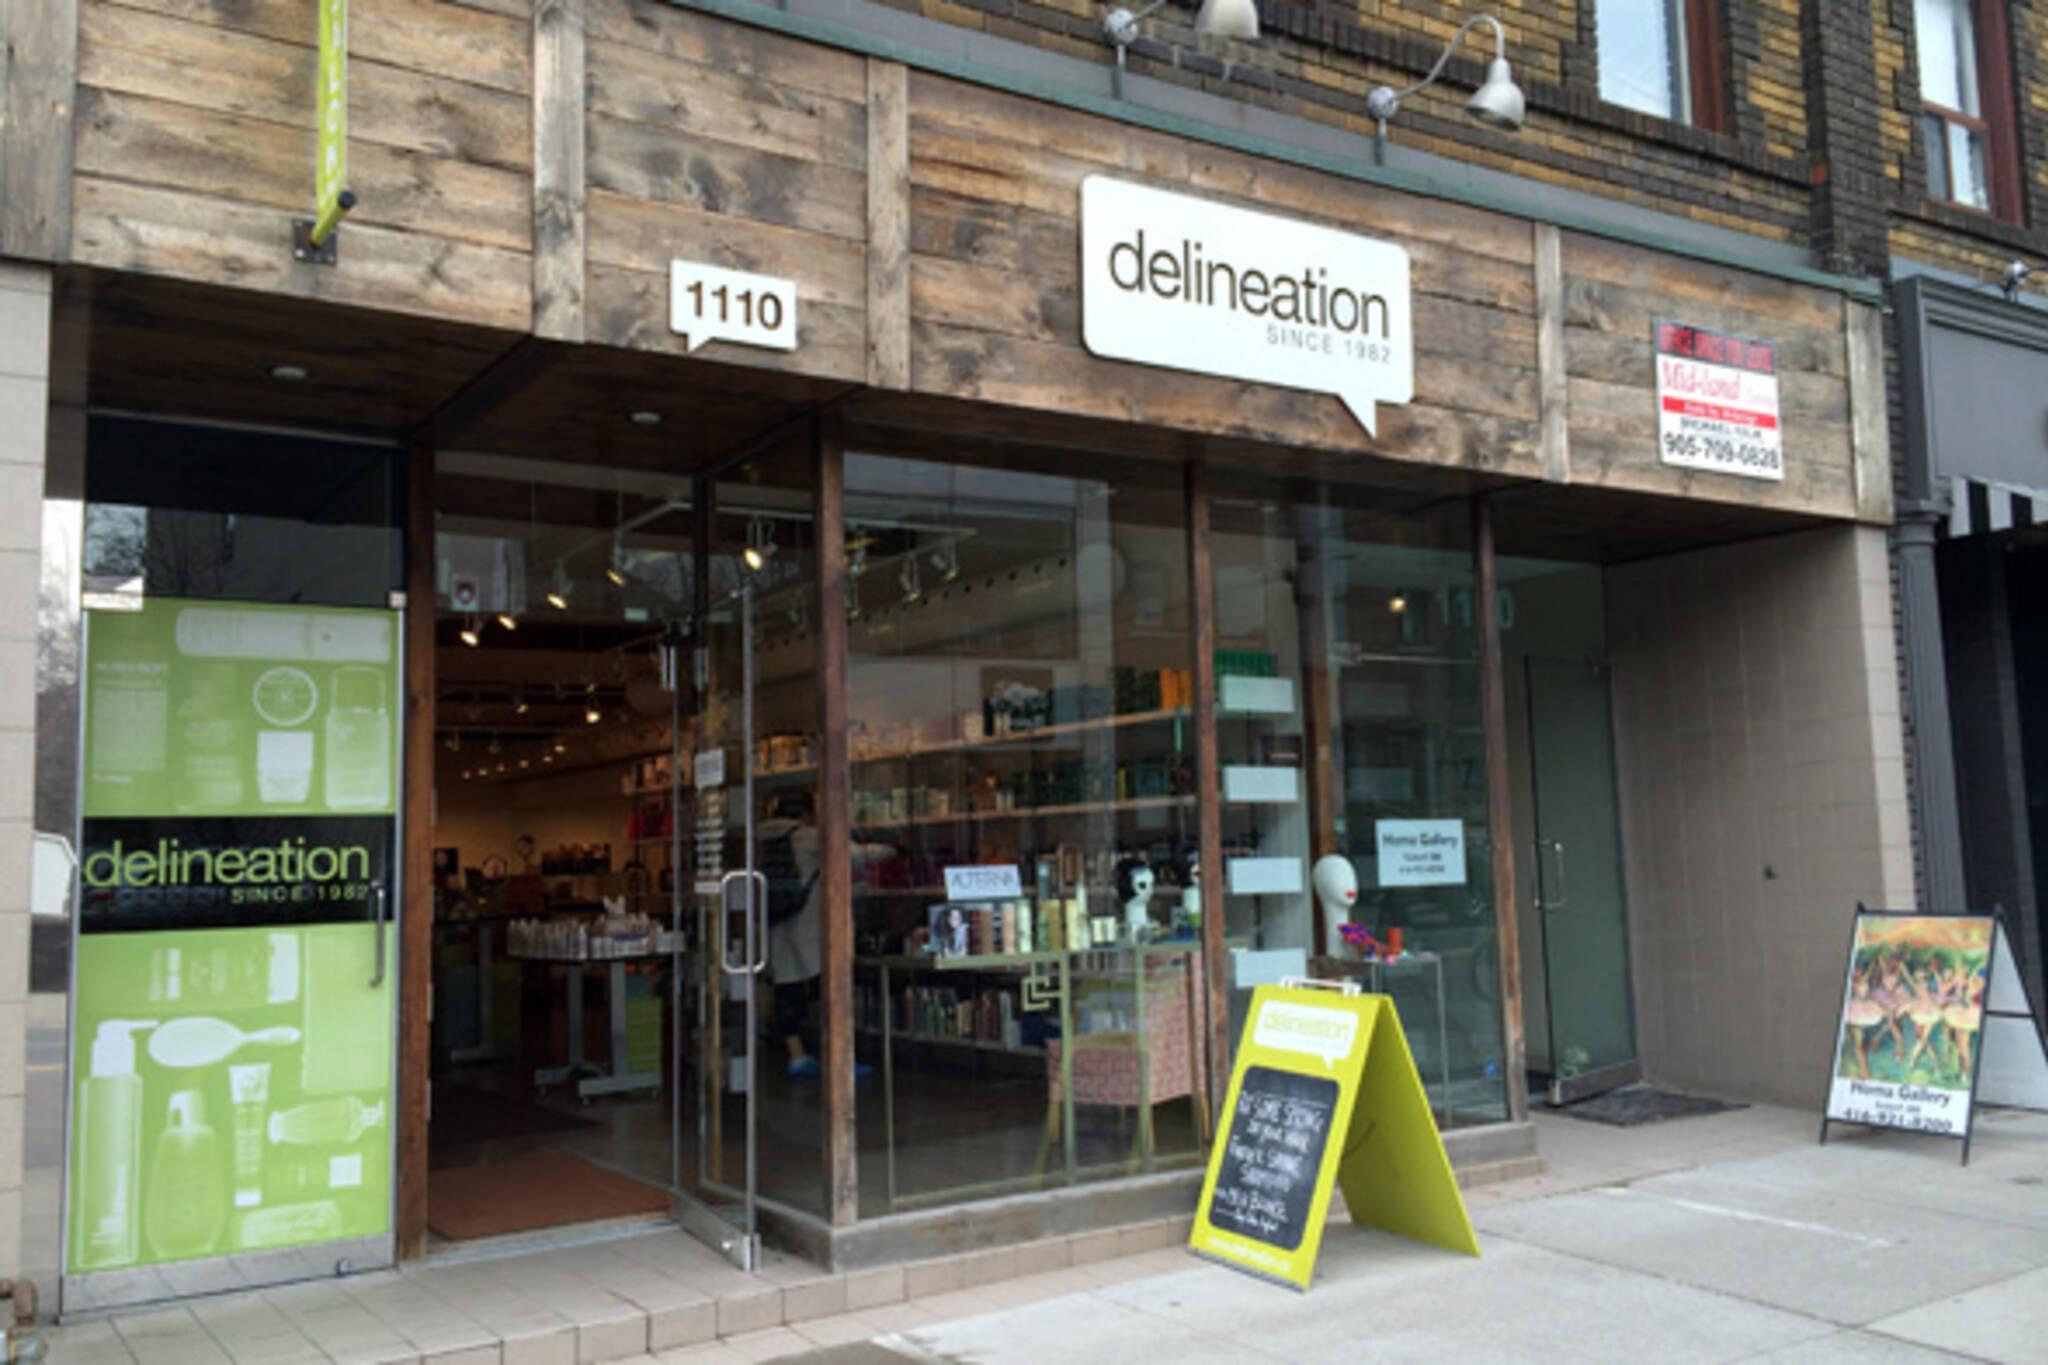 Delineation Toronto